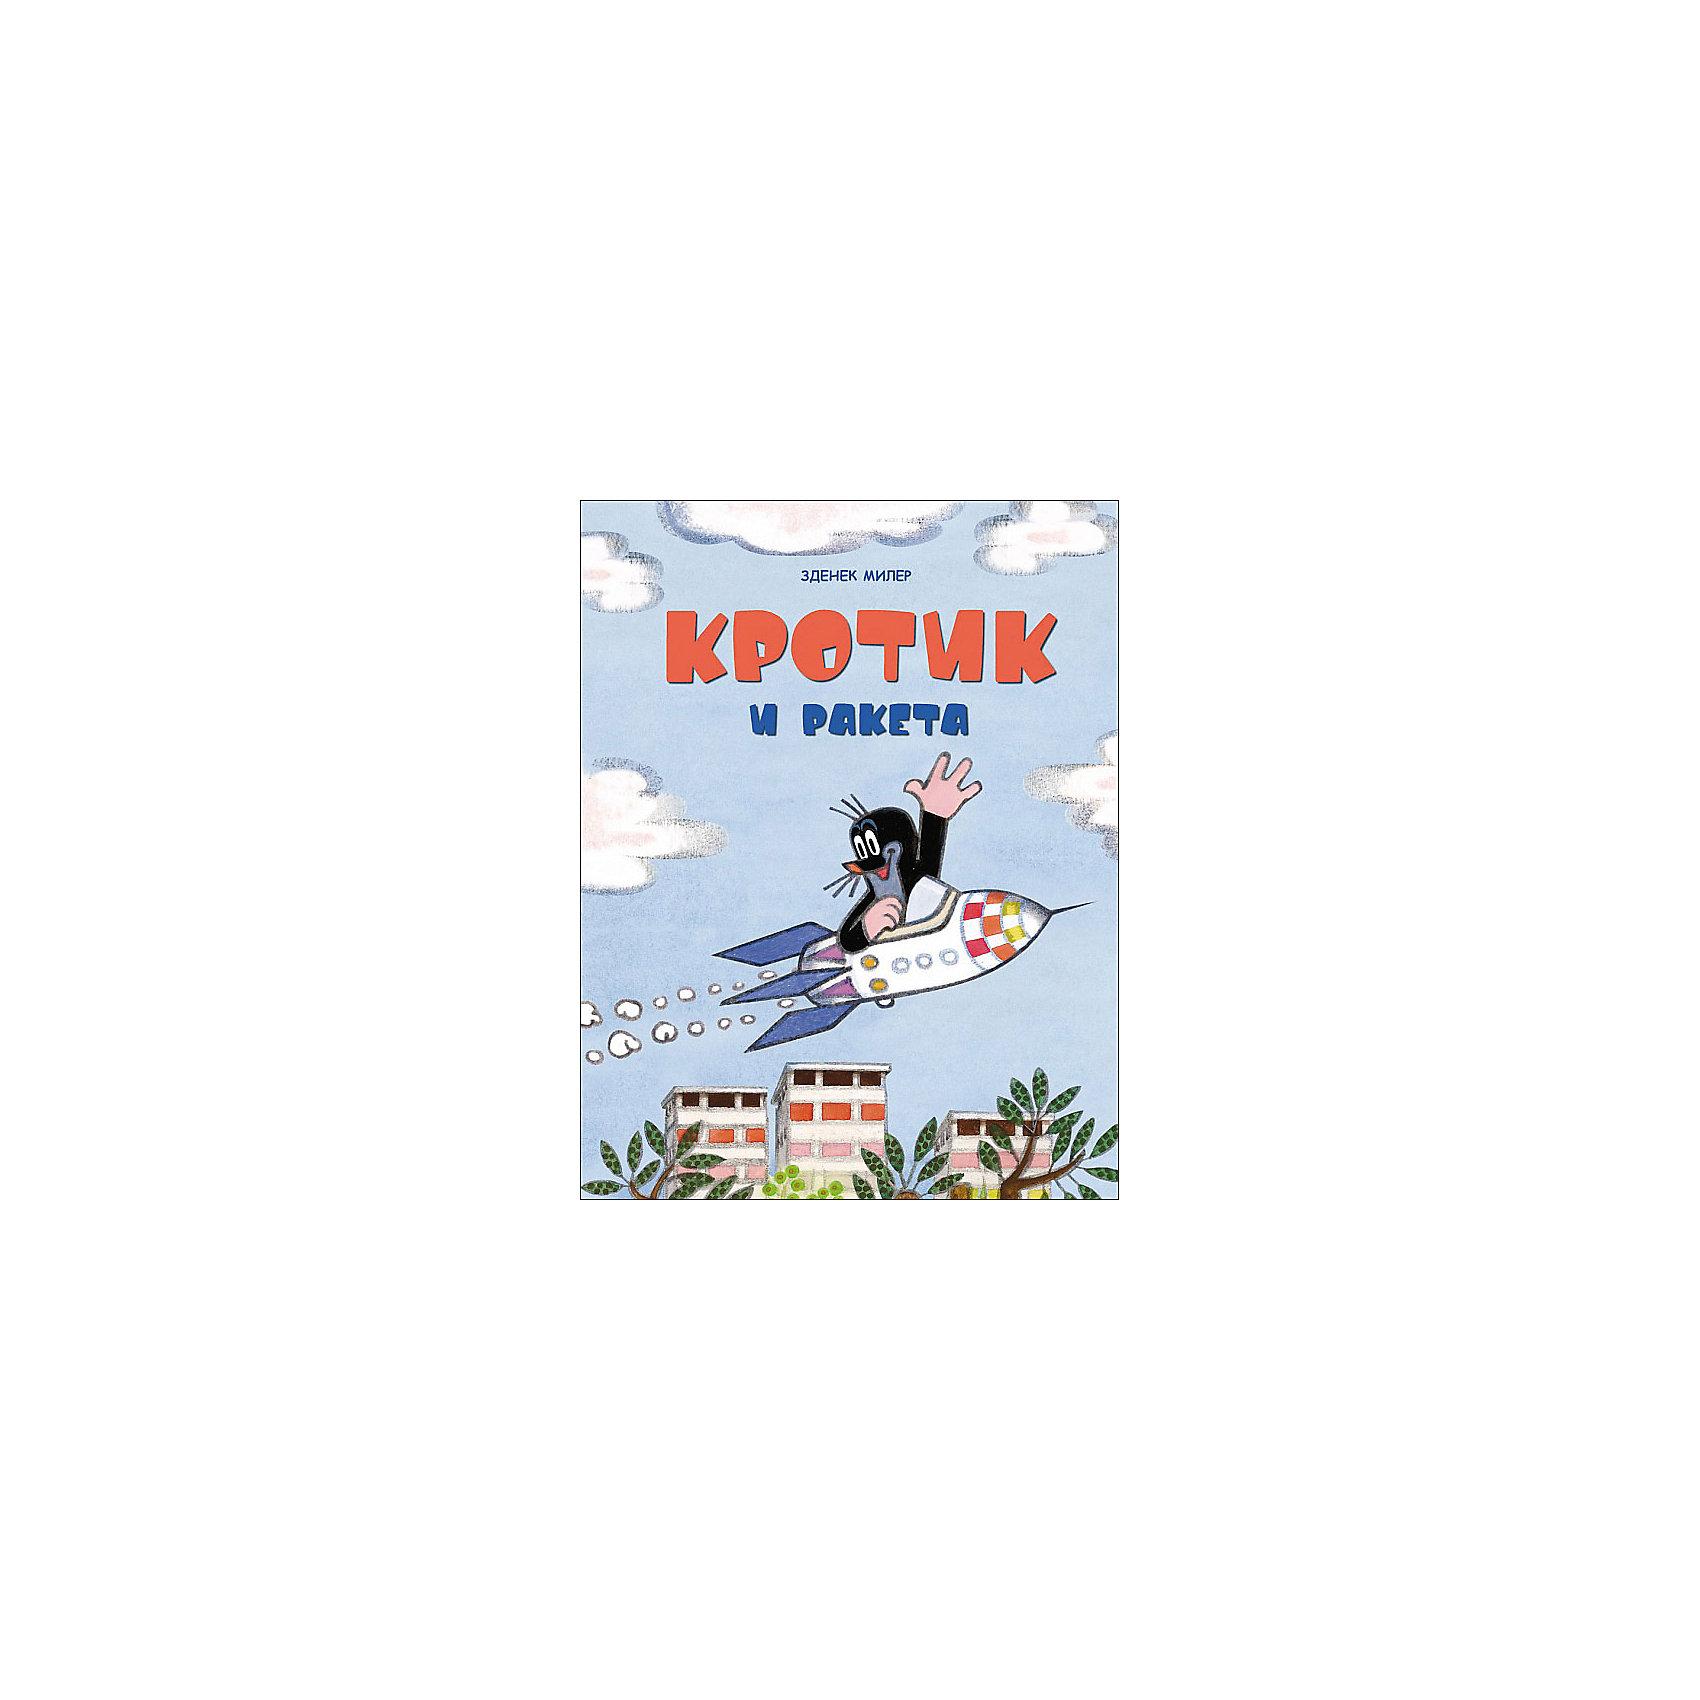 Брошюра Кротик и ракета, З. МилерЗарубежные сказки<br>Сказки о Кротике, созданном чешским художником Зденеком Милером, теперь издаются в формате, на котором выросло не одно поколение российских детей, - в формате брошюр.&#13;<br>В сказке «Кротик и ракета» Кротик совершает большое путешествие на ракете в воздухе, в банке под водой, пешком по земле. И вместе с читателями узнаёт, что если набраться смелости, можно узнать, что земля очень красивая и встретить прекрасных друзей. &#13;<br>В серию вошли брошюры «Кротик и телевизор», «Кротик и ракета», «Кротик и зонтик».<br><br>Ширина мм: 275<br>Глубина мм: 210<br>Высота мм: 5<br>Вес г: 204<br>Возраст от месяцев: 0<br>Возраст до месяцев: 72<br>Пол: Унисекс<br>Возраст: Детский<br>SKU: 5076553